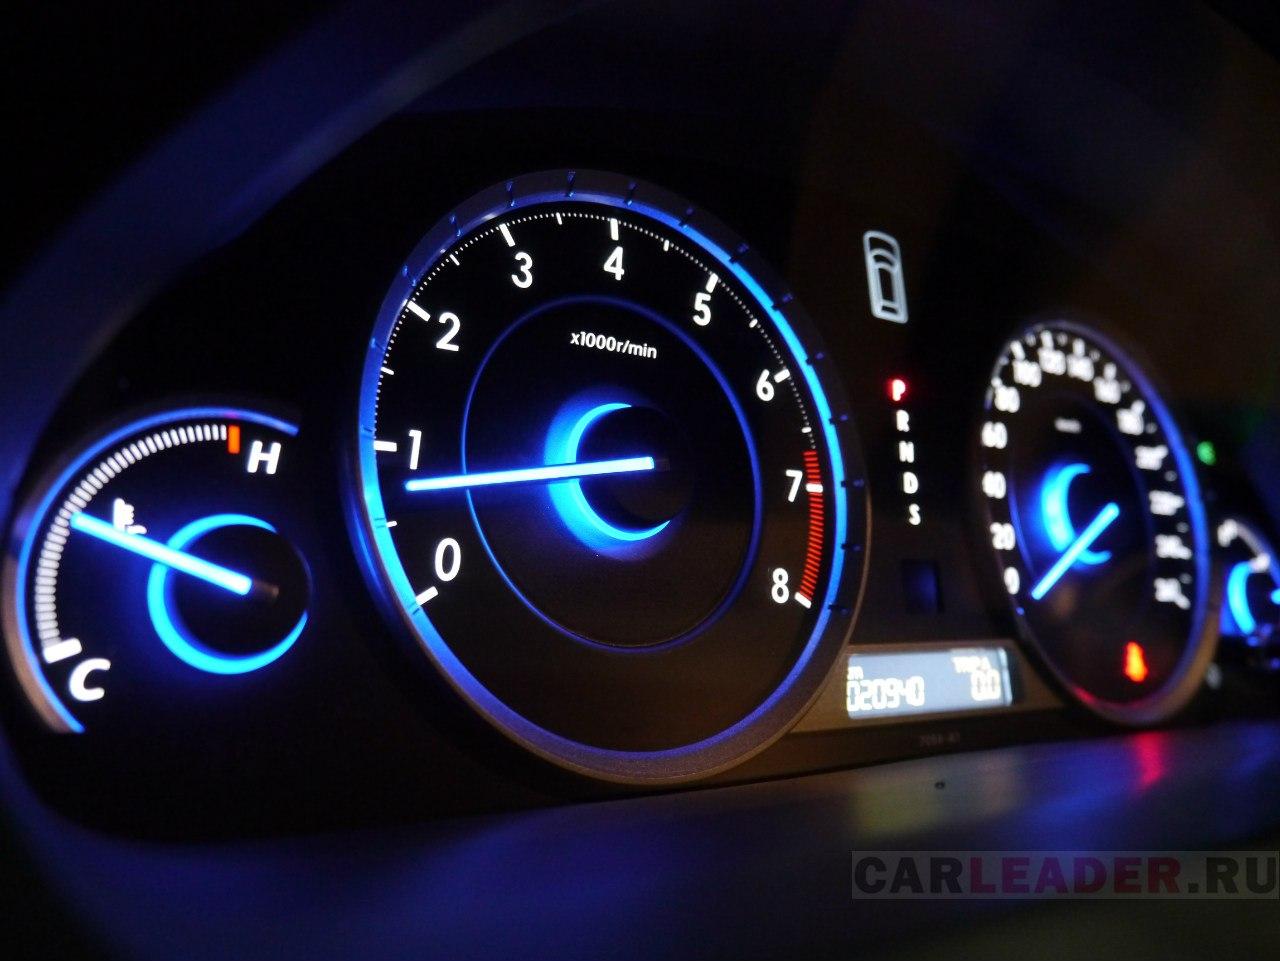 Причем, эта синева не вызывает тошноты, как в автомобилях Hyundai.